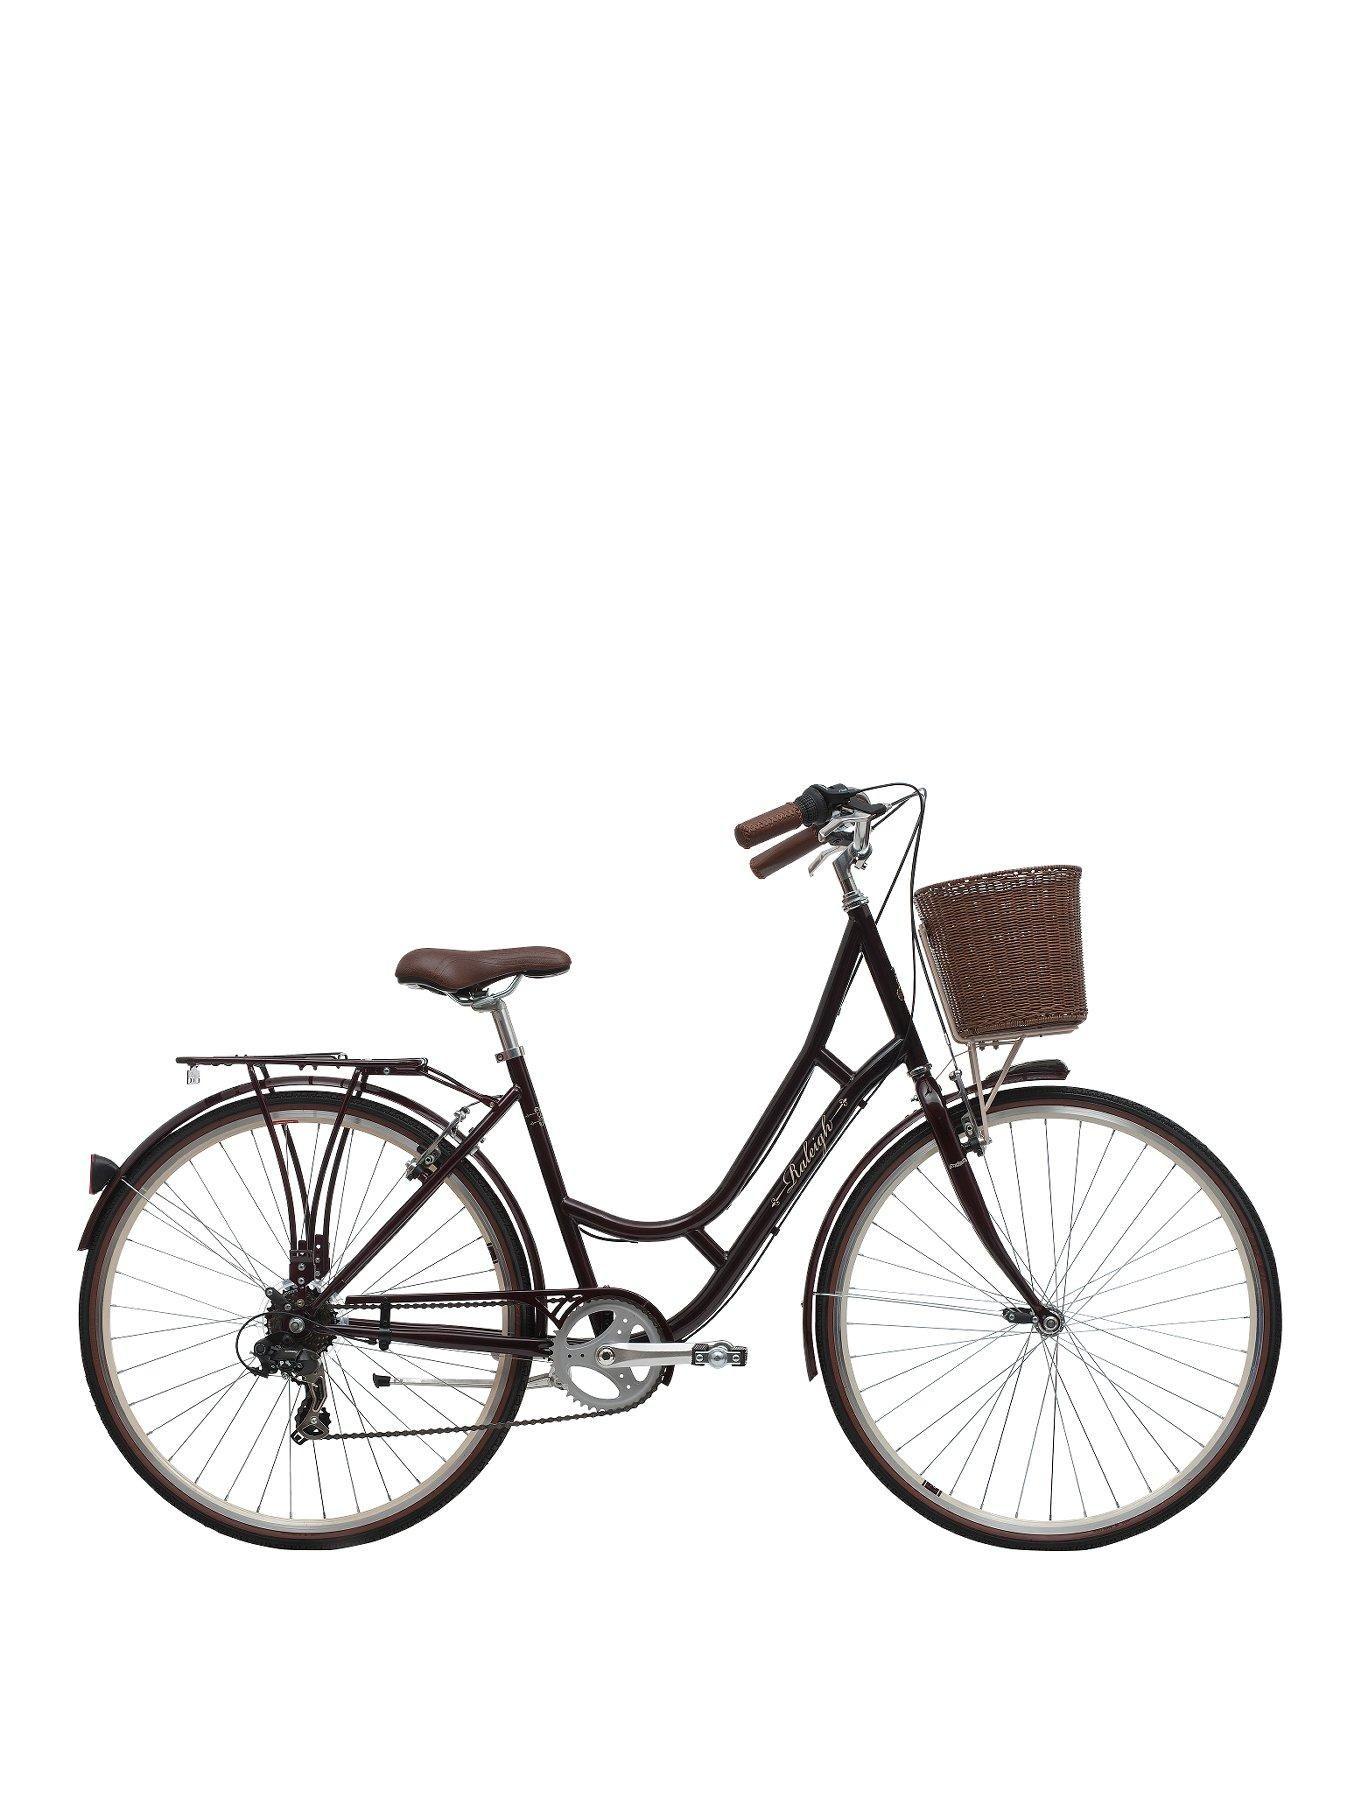 Womens Mens And Kids Fashion Furniture Electricals More Hybrid Bike Pink Bike Bike Seat